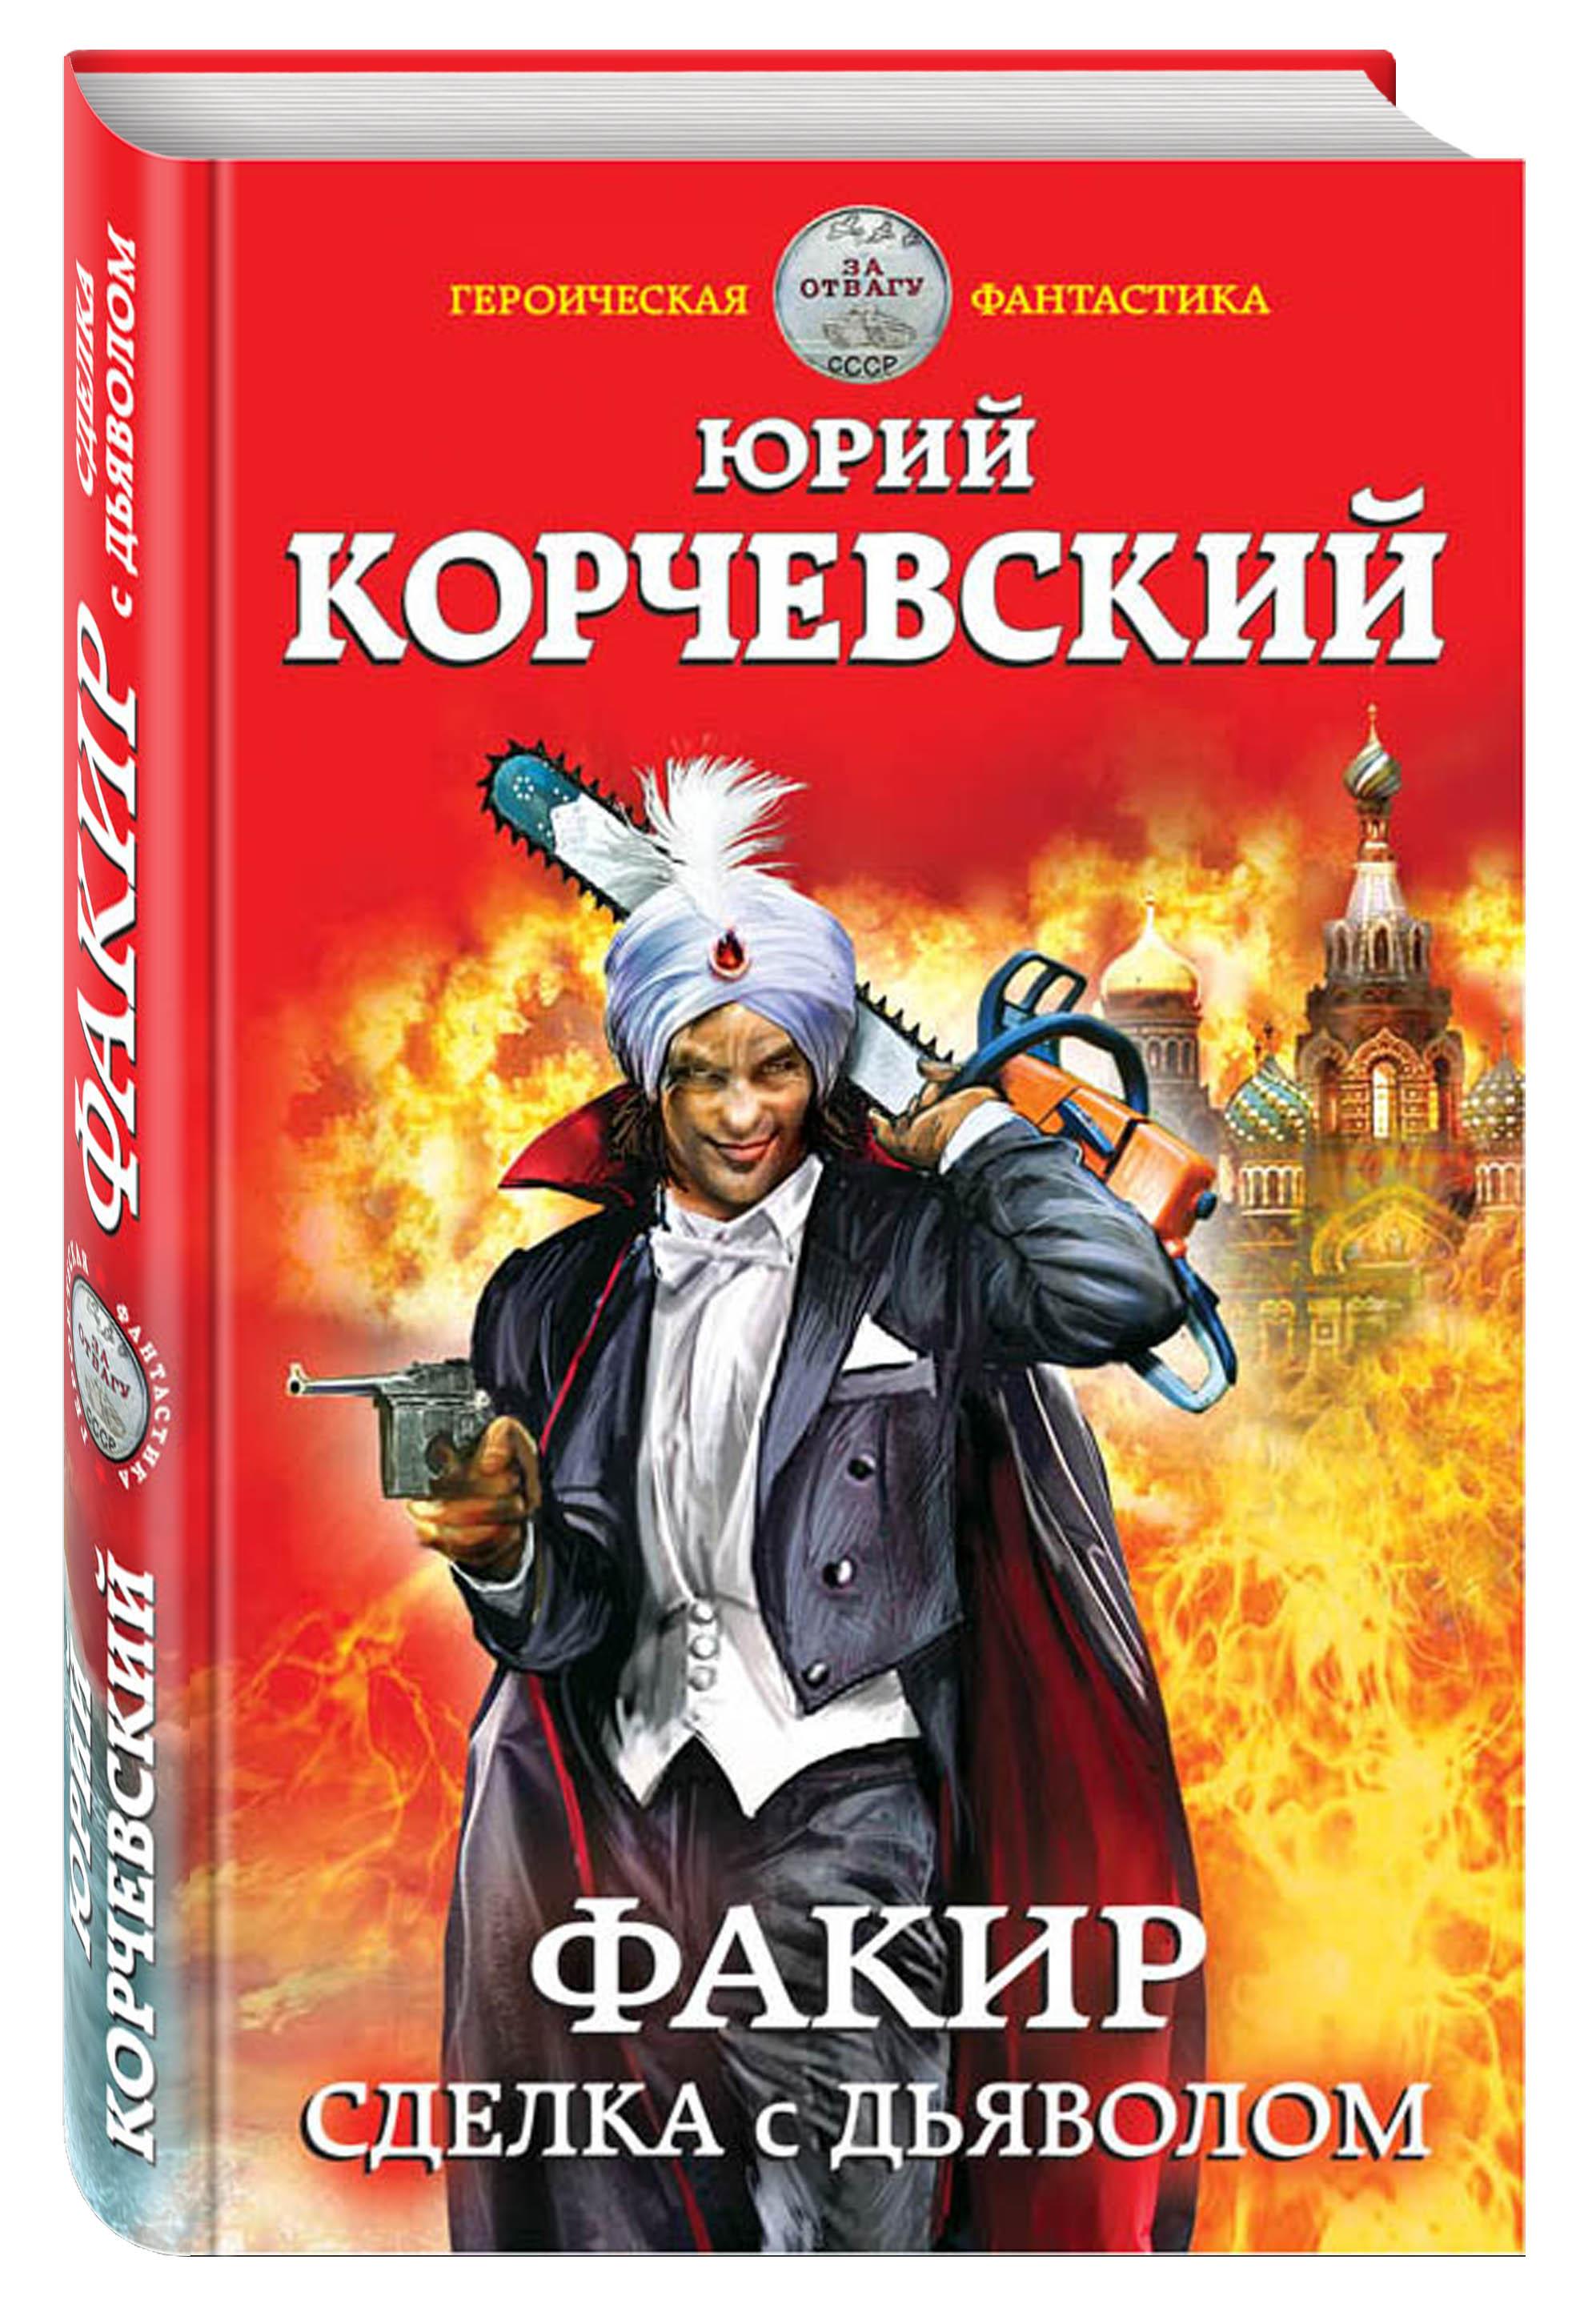 Корчевский Ю.Г. Факир. Сделка с Дьяволом  маг факир фокусник